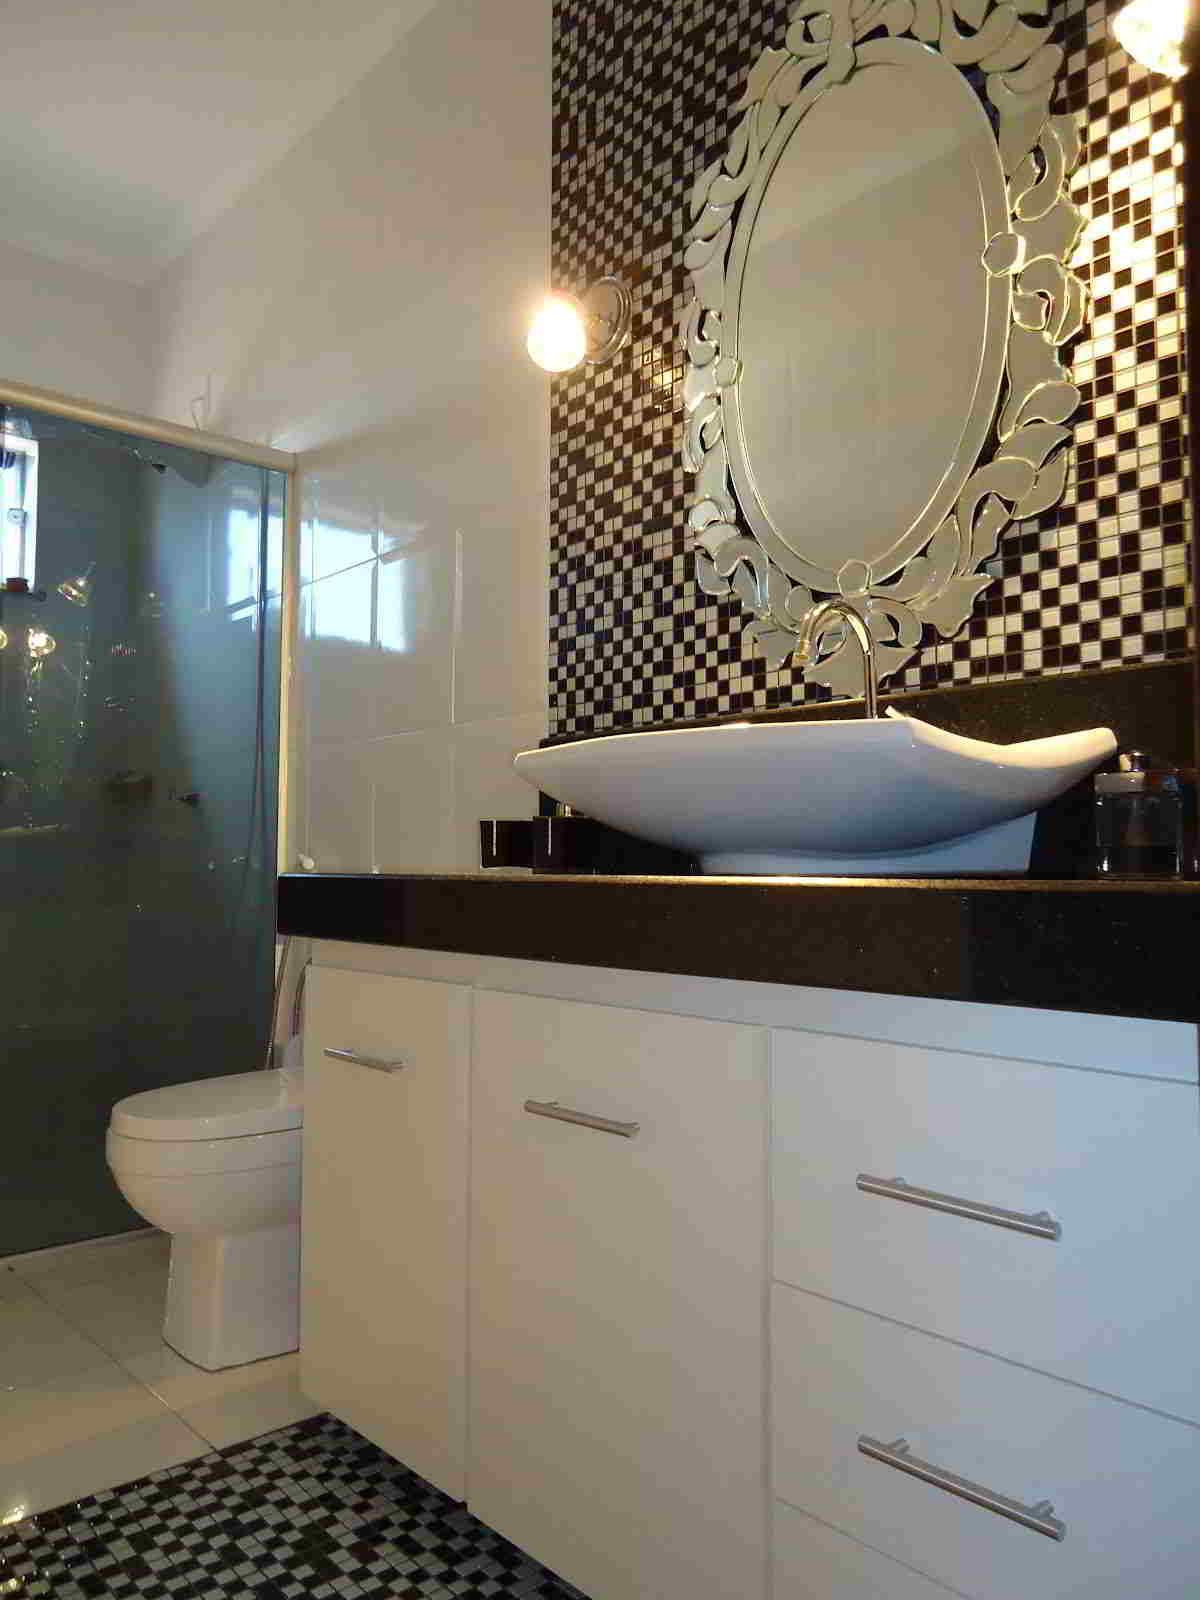 Banheiros decorados: 15 inspirações de espelho para o seu banheiro  #897442 1200 1600